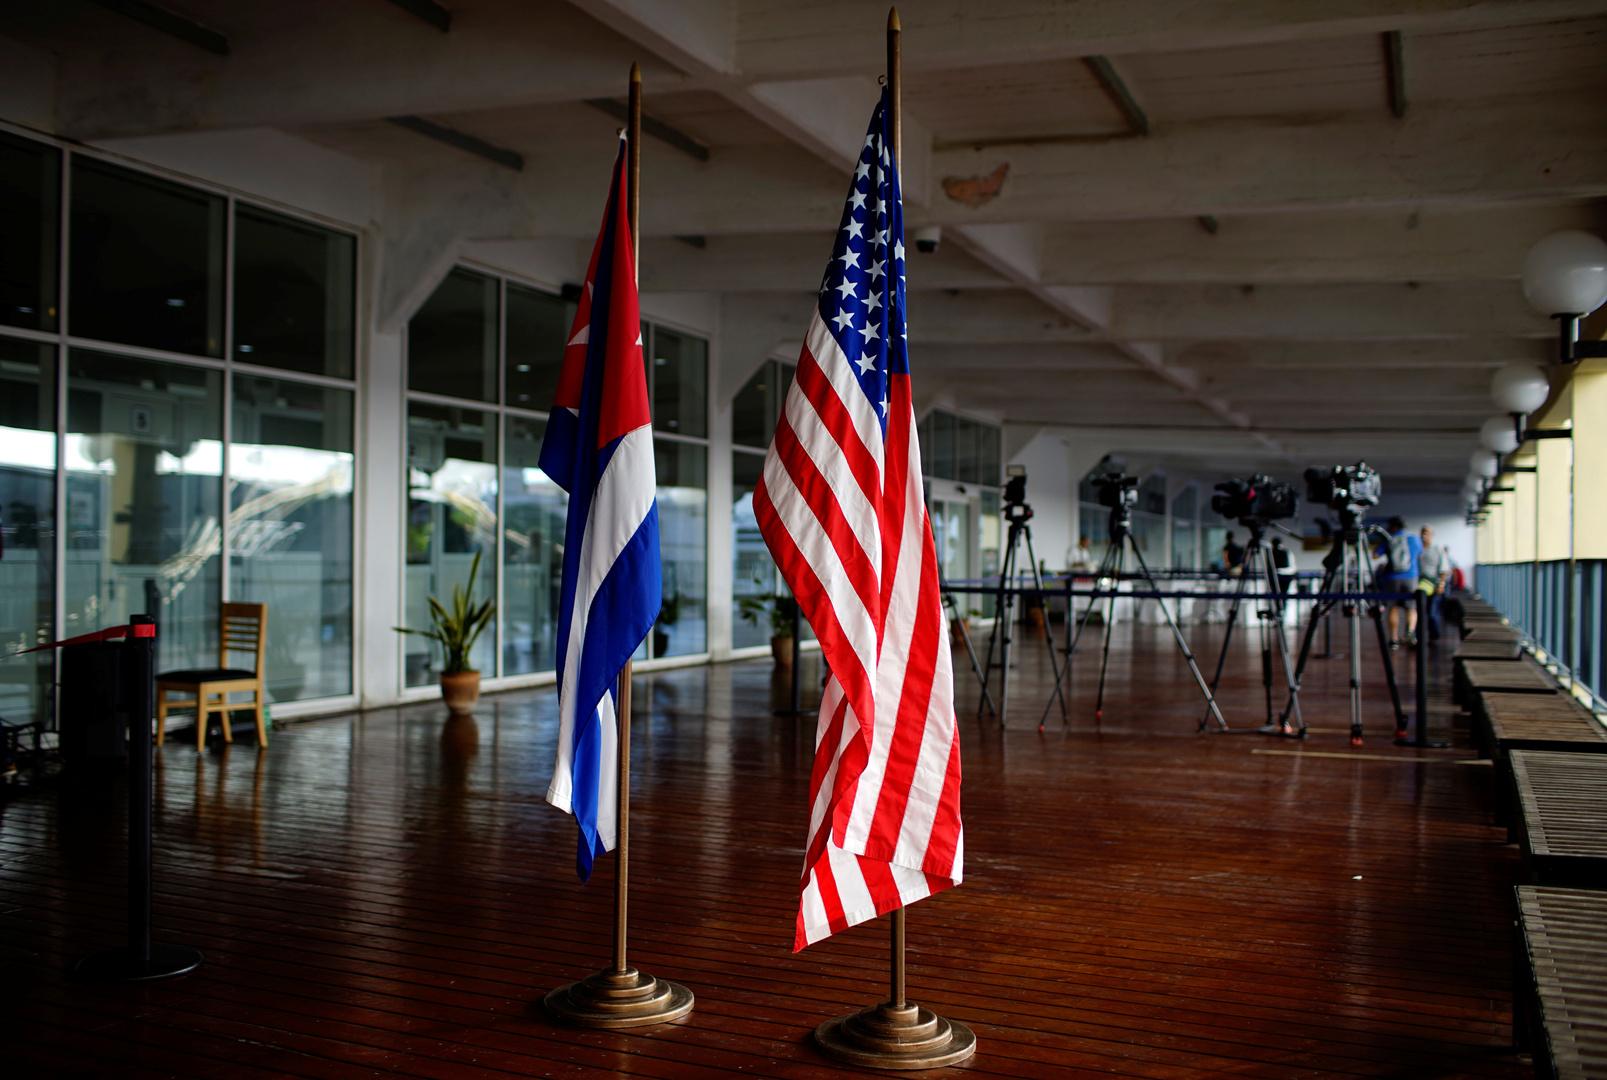 كوبا ترد على إعادتها على قائمة الإرهاب الأمريكية